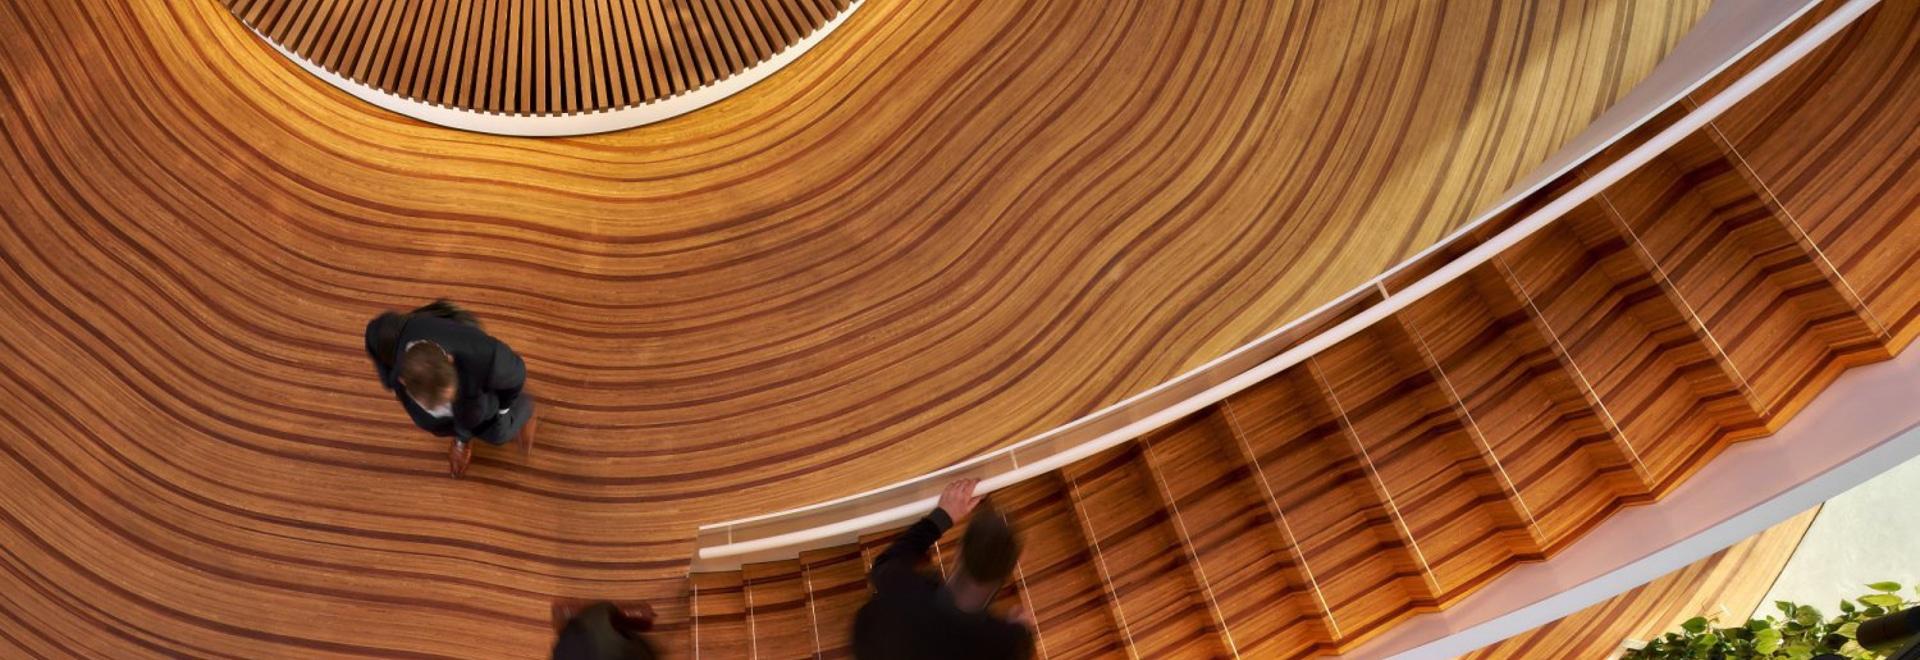 Dieser maßgefertigte Holzboden wurde so gestaltet, dass er wie die Wachstumsringe eines Baumes aussieht